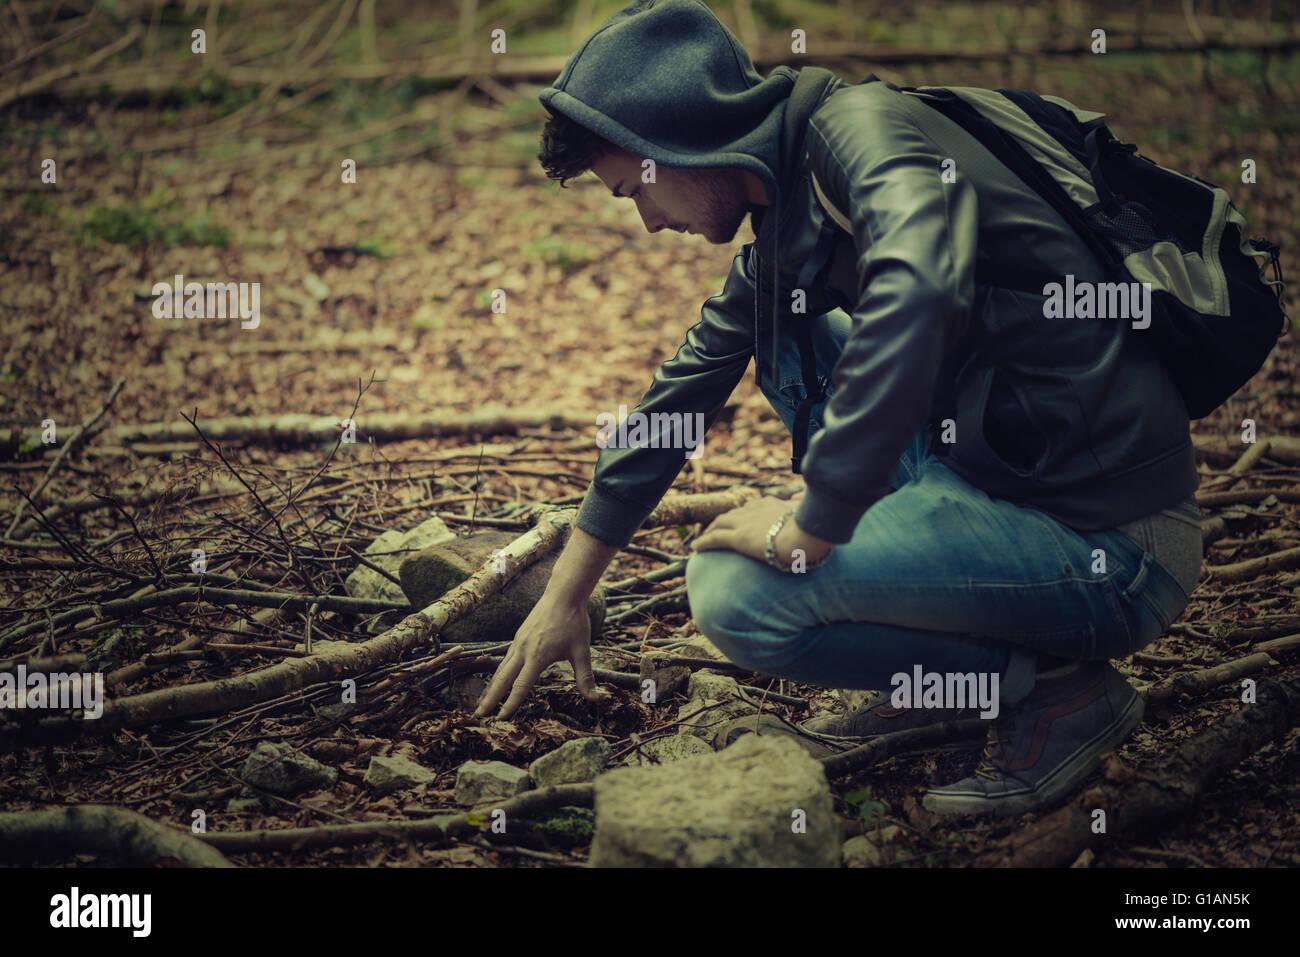 El hombre de la selva explorando y buscando pistas, aventura y libertad concepto Imagen De Stock